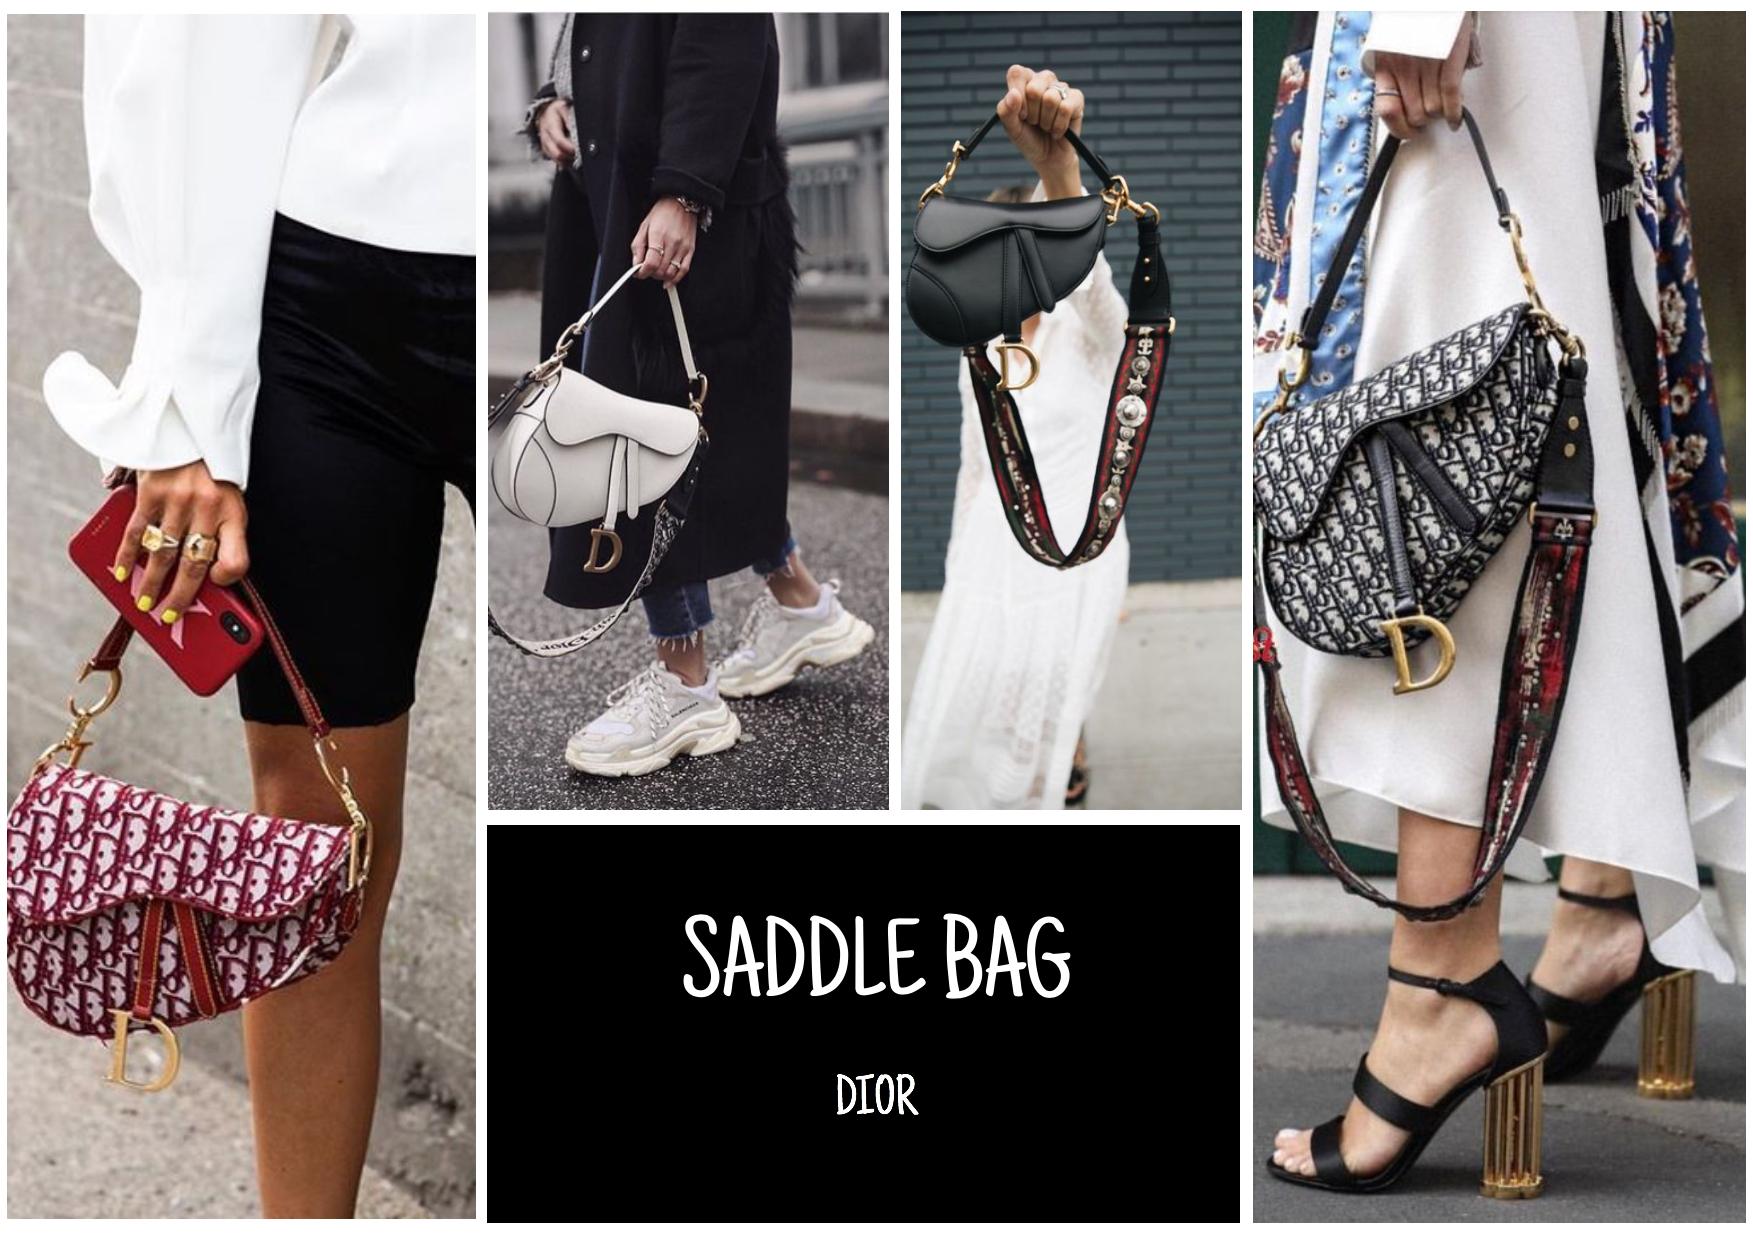 72acfea0cc J'ai donc décidé de vous parler du grand retour d'un sac emblématique des  années 2000 de Dior ...